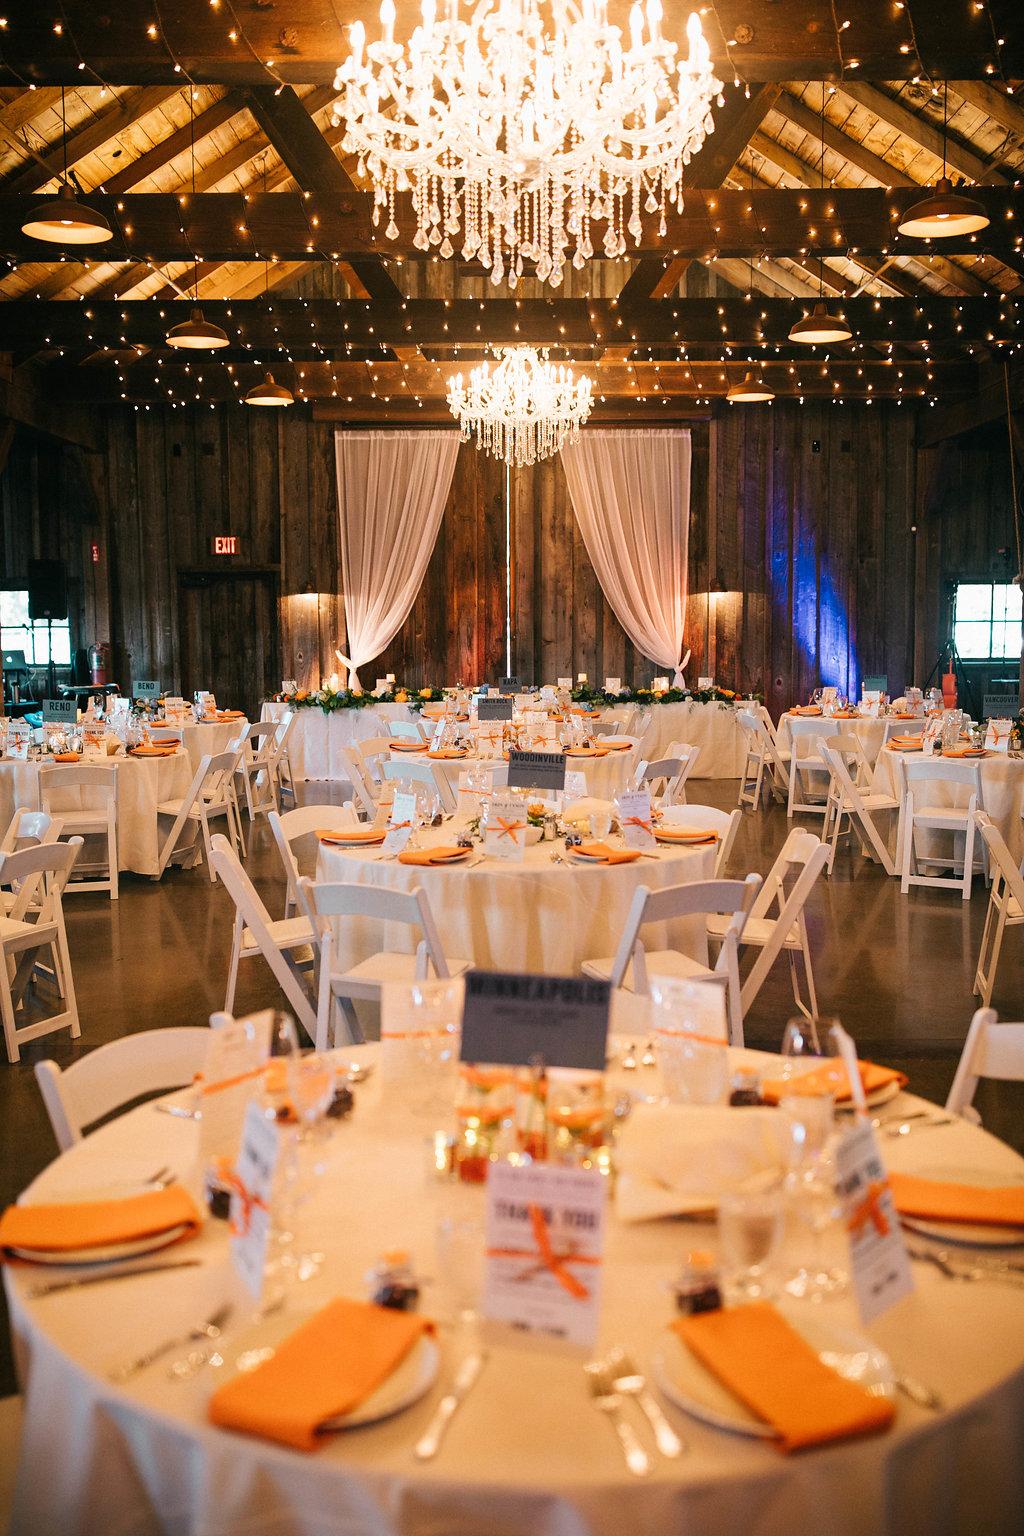 Erin+Tyson_The_Kelley_Farm_Wedding_by_Adina_Preston_Weddings_1292.JPG